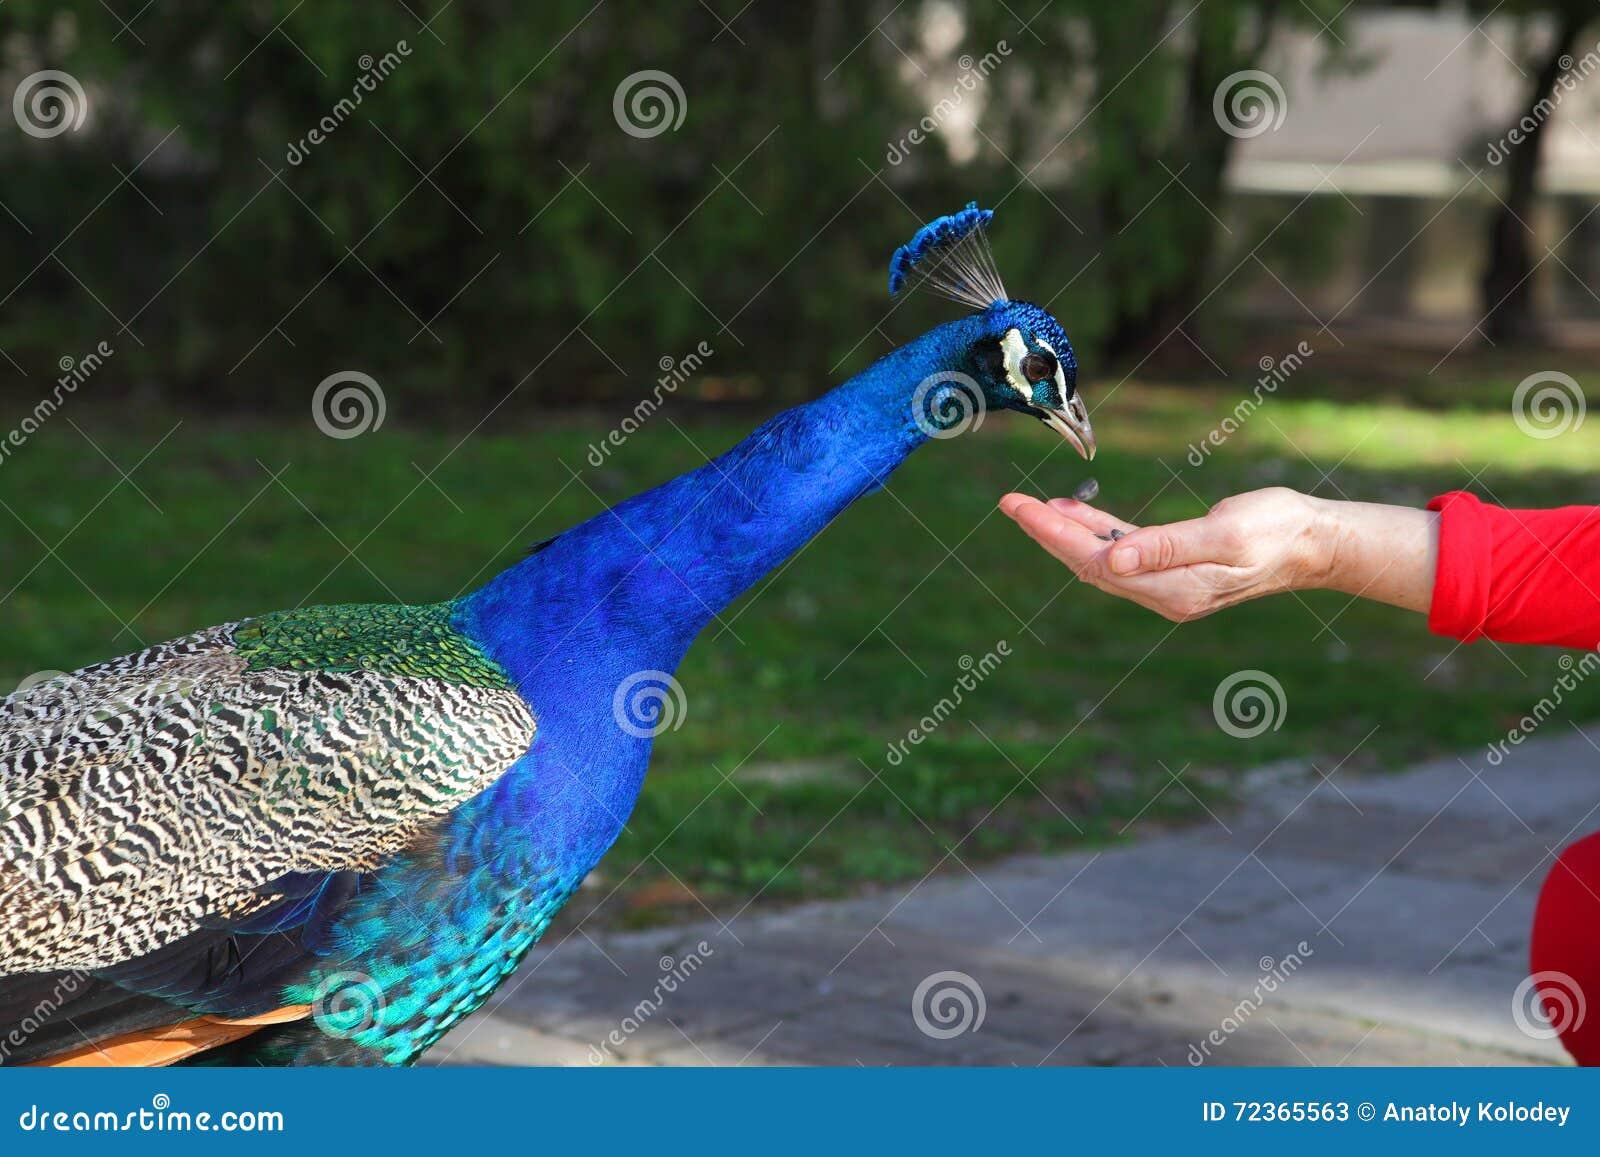 孔雀从手的采摘种子